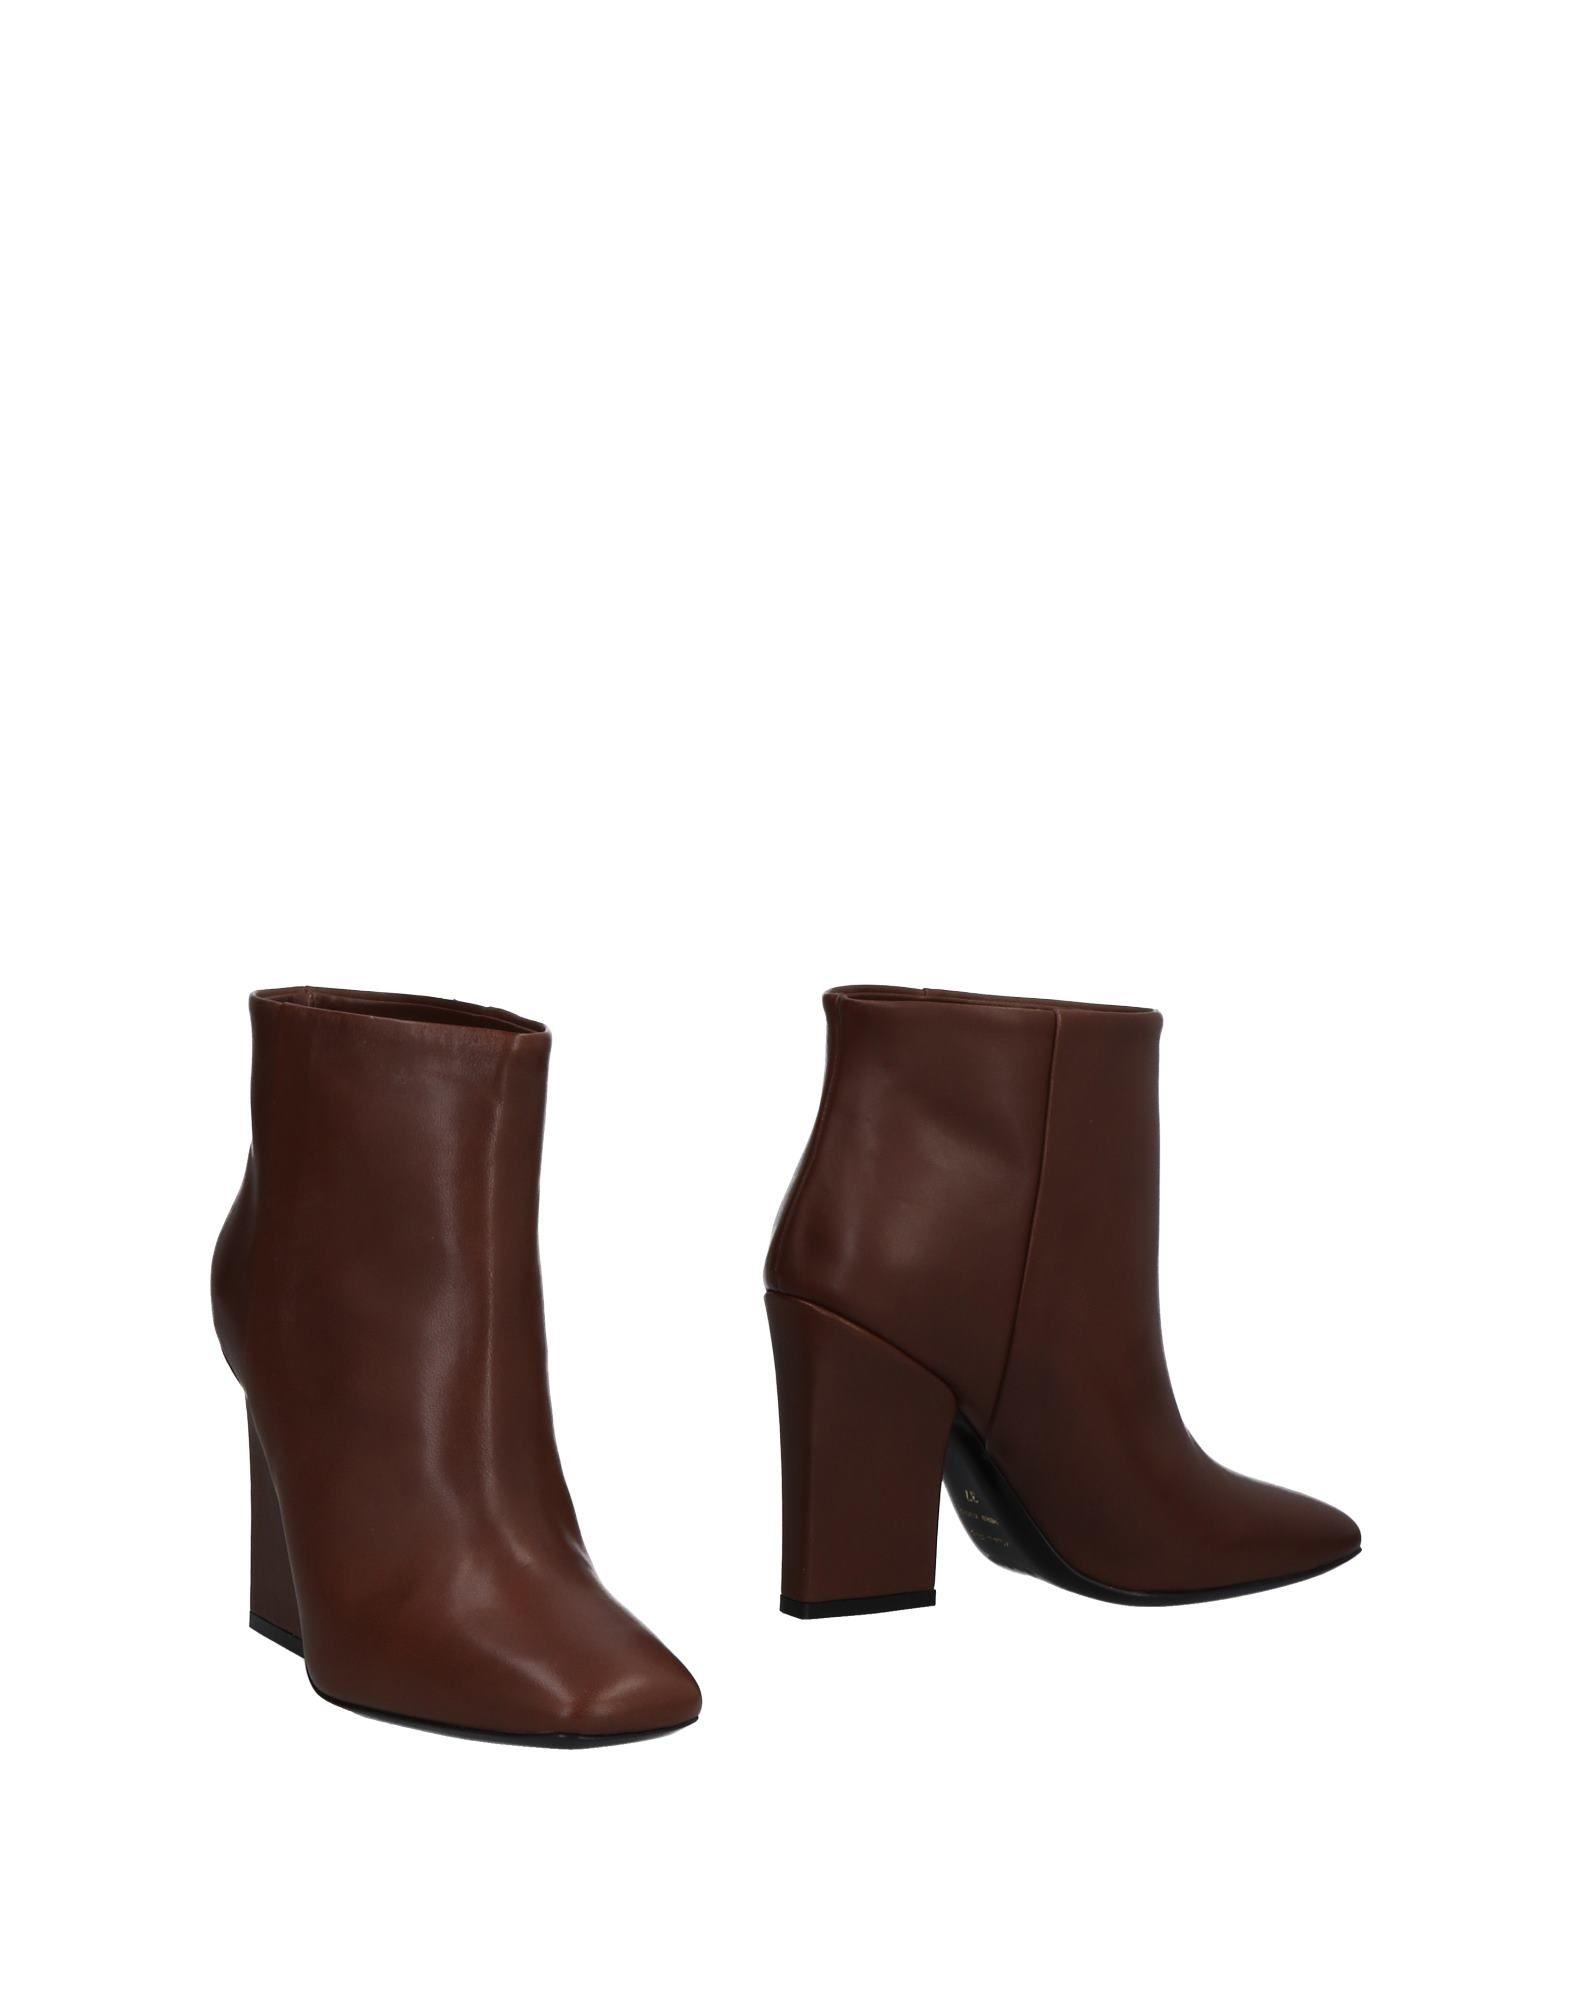 Msgm Stiefelette Damen  11493371LKGut aussehende strapazierfähige Schuhe